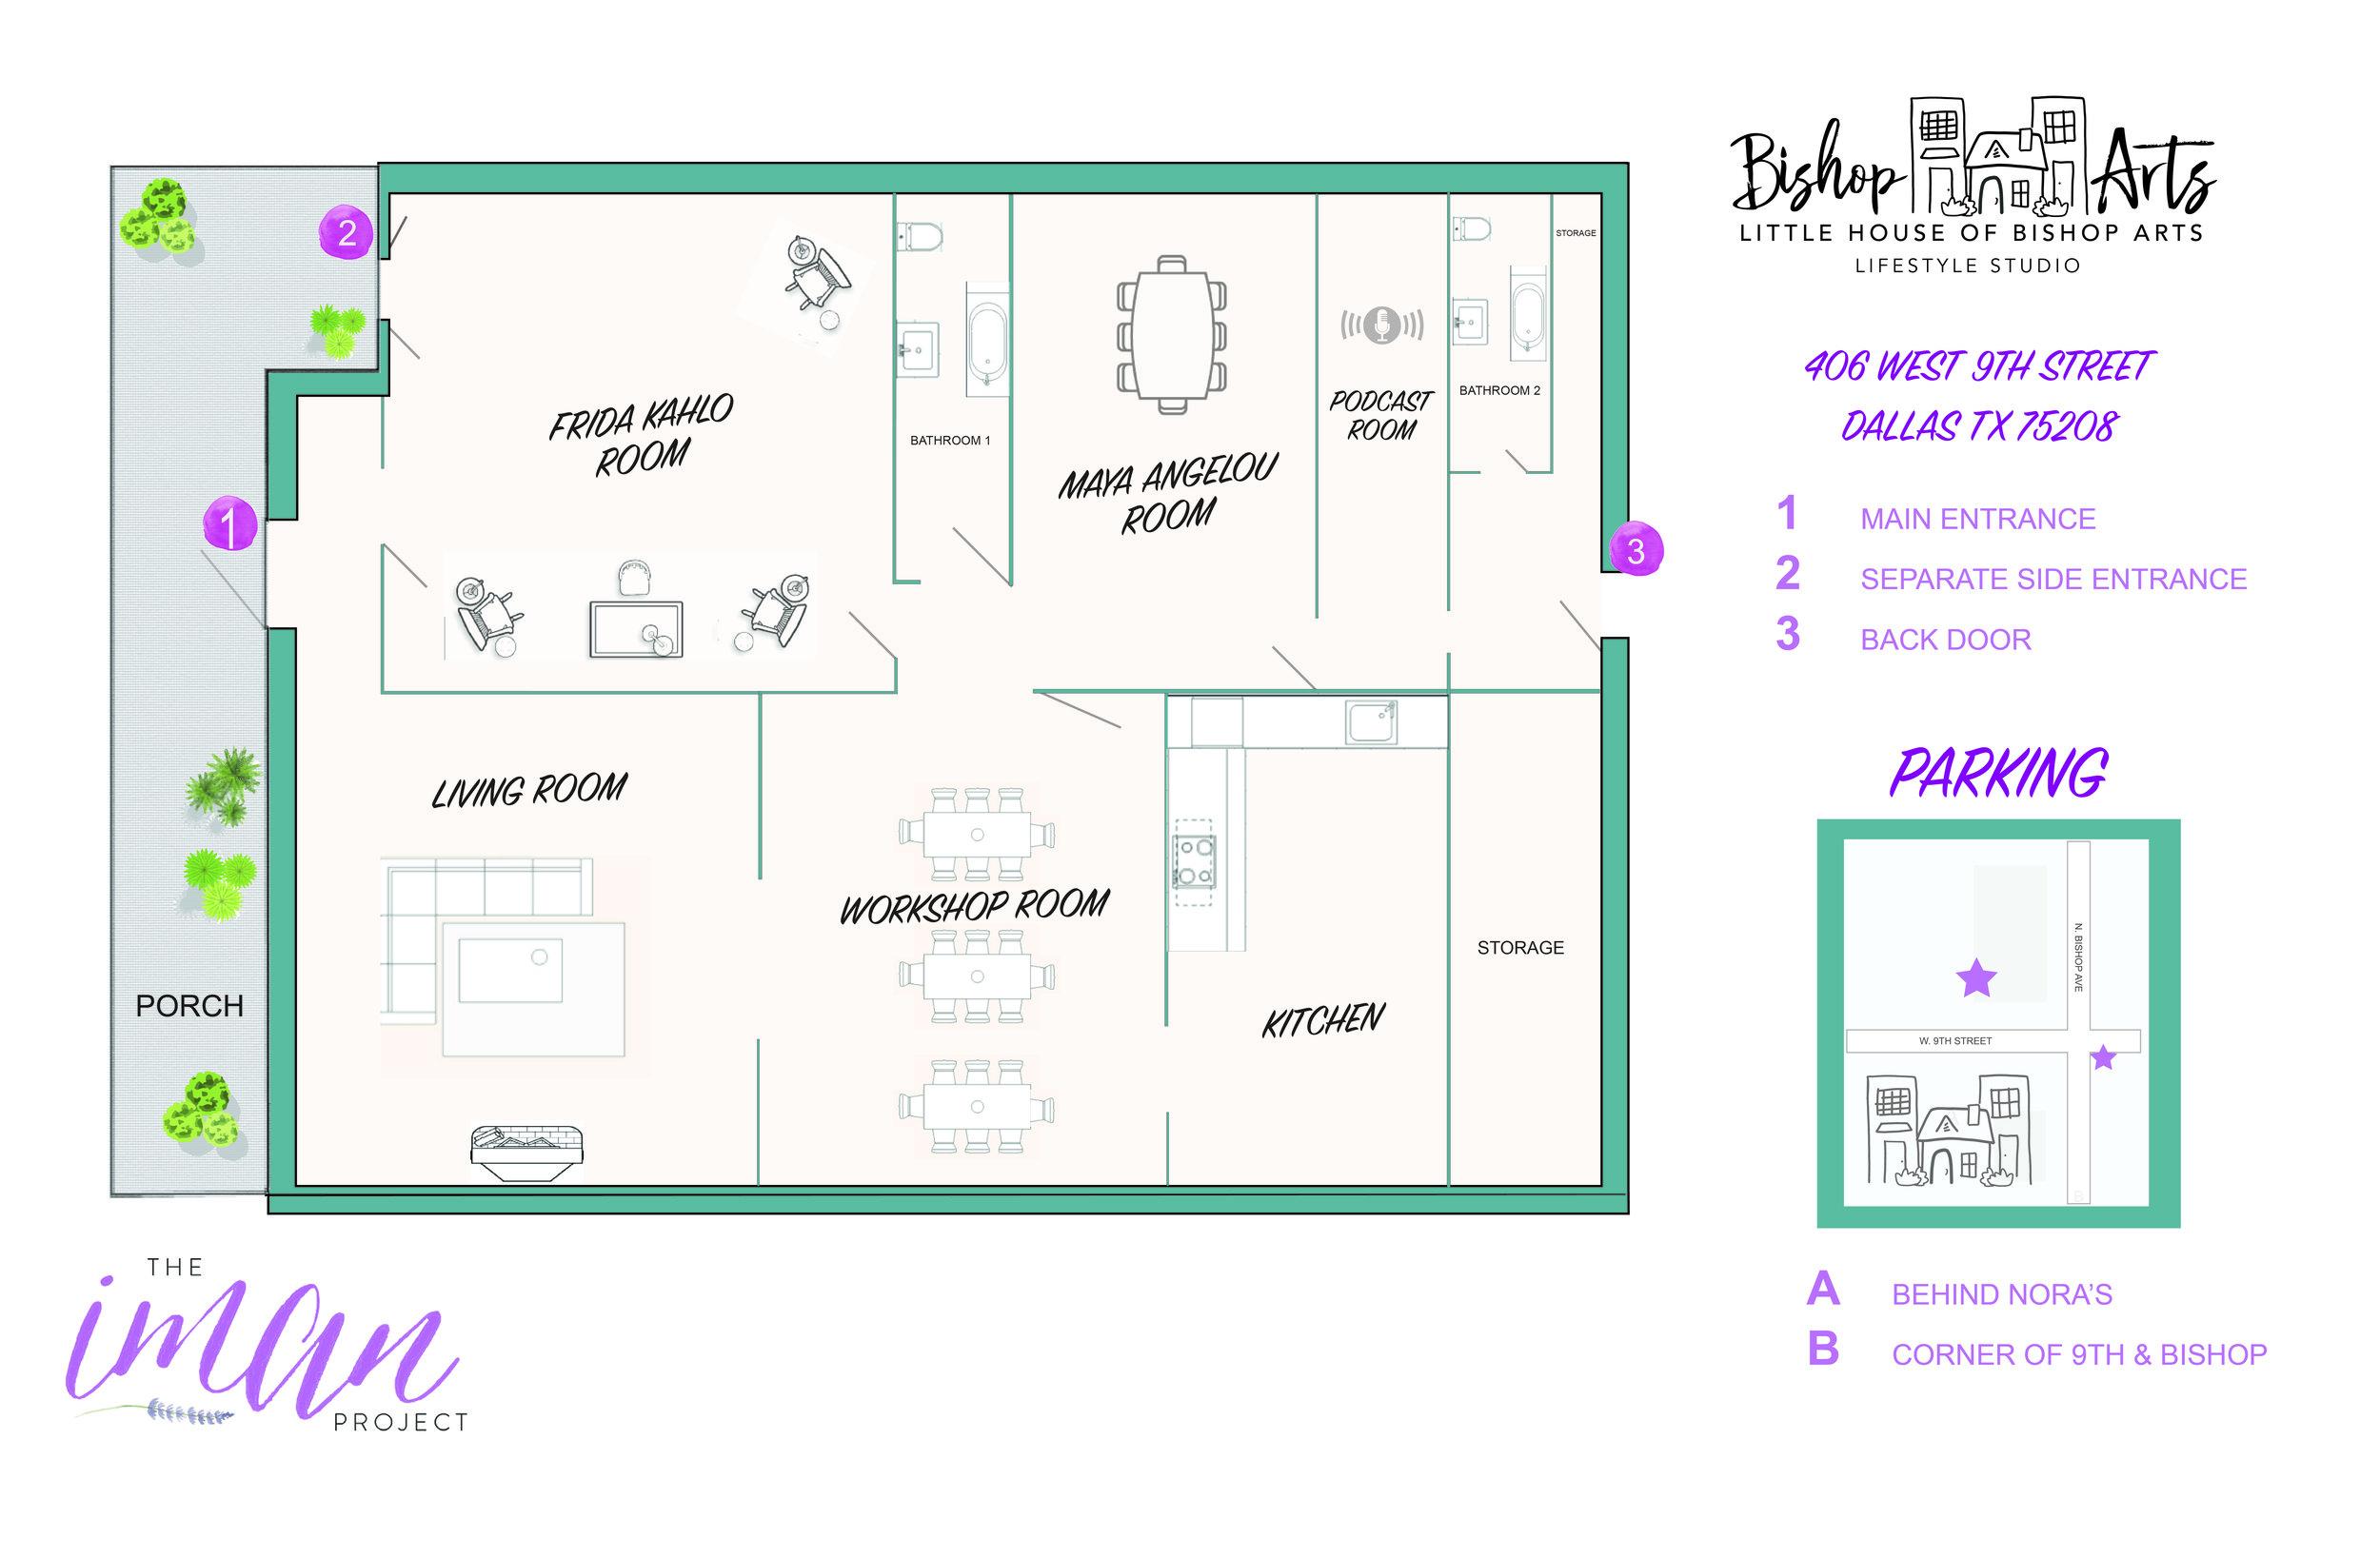 floorplan-Little-House-Bishop-Arts.jpg